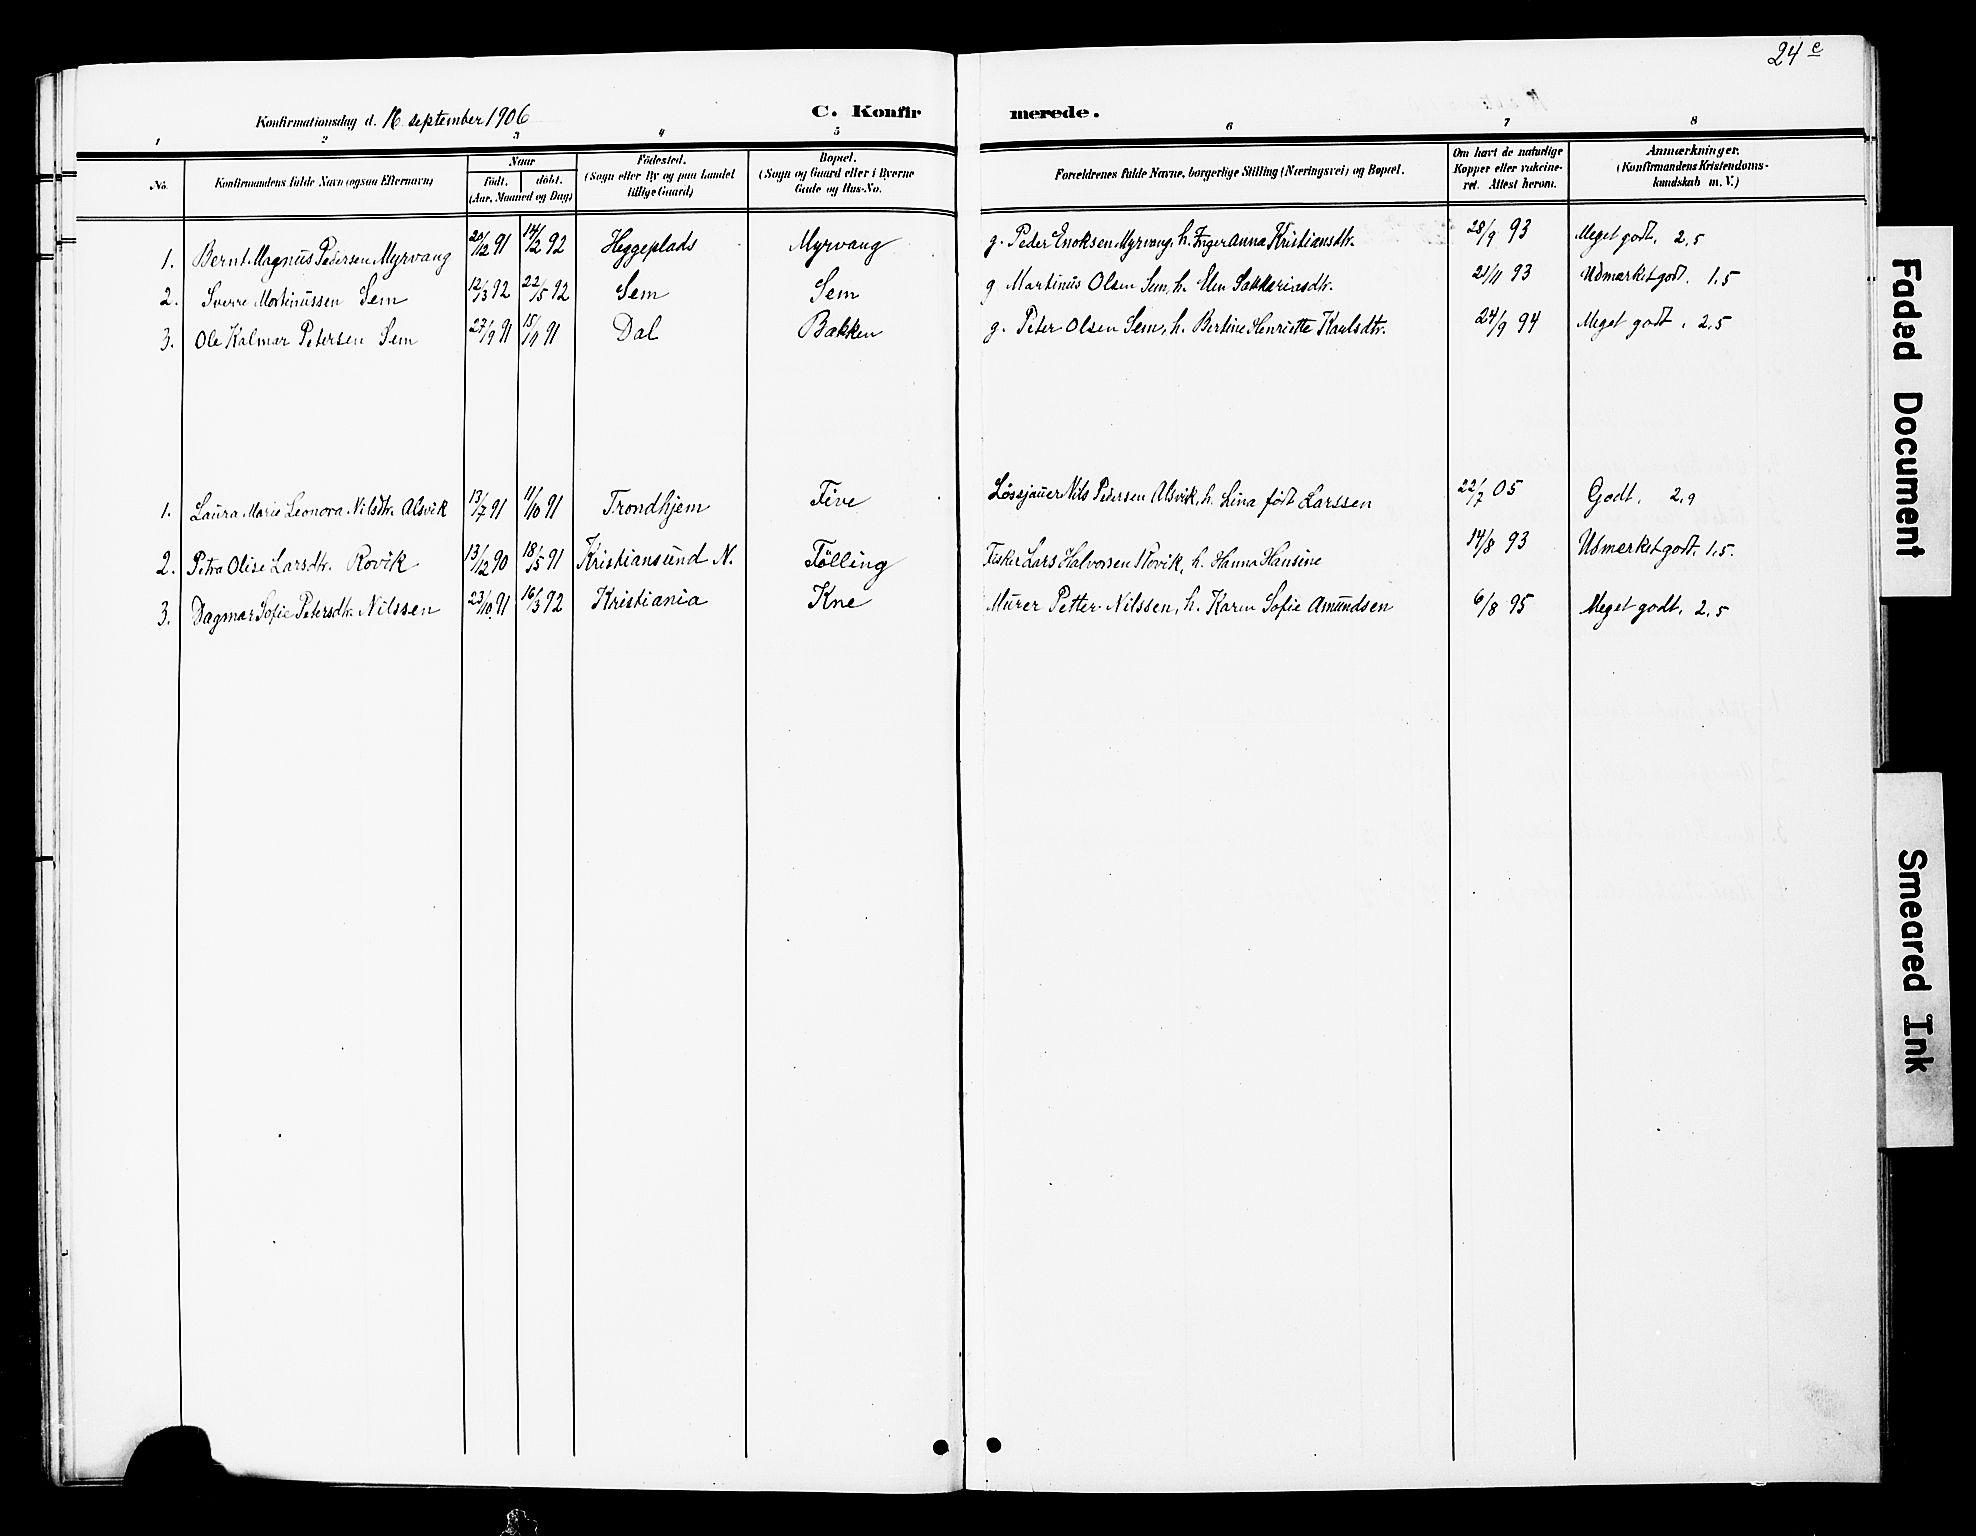 SAT, Ministerialprotokoller, klokkerbøker og fødselsregistre - Nord-Trøndelag, 748/L0464: Ministerialbok nr. 748A01, 1900-1908, s. 24c